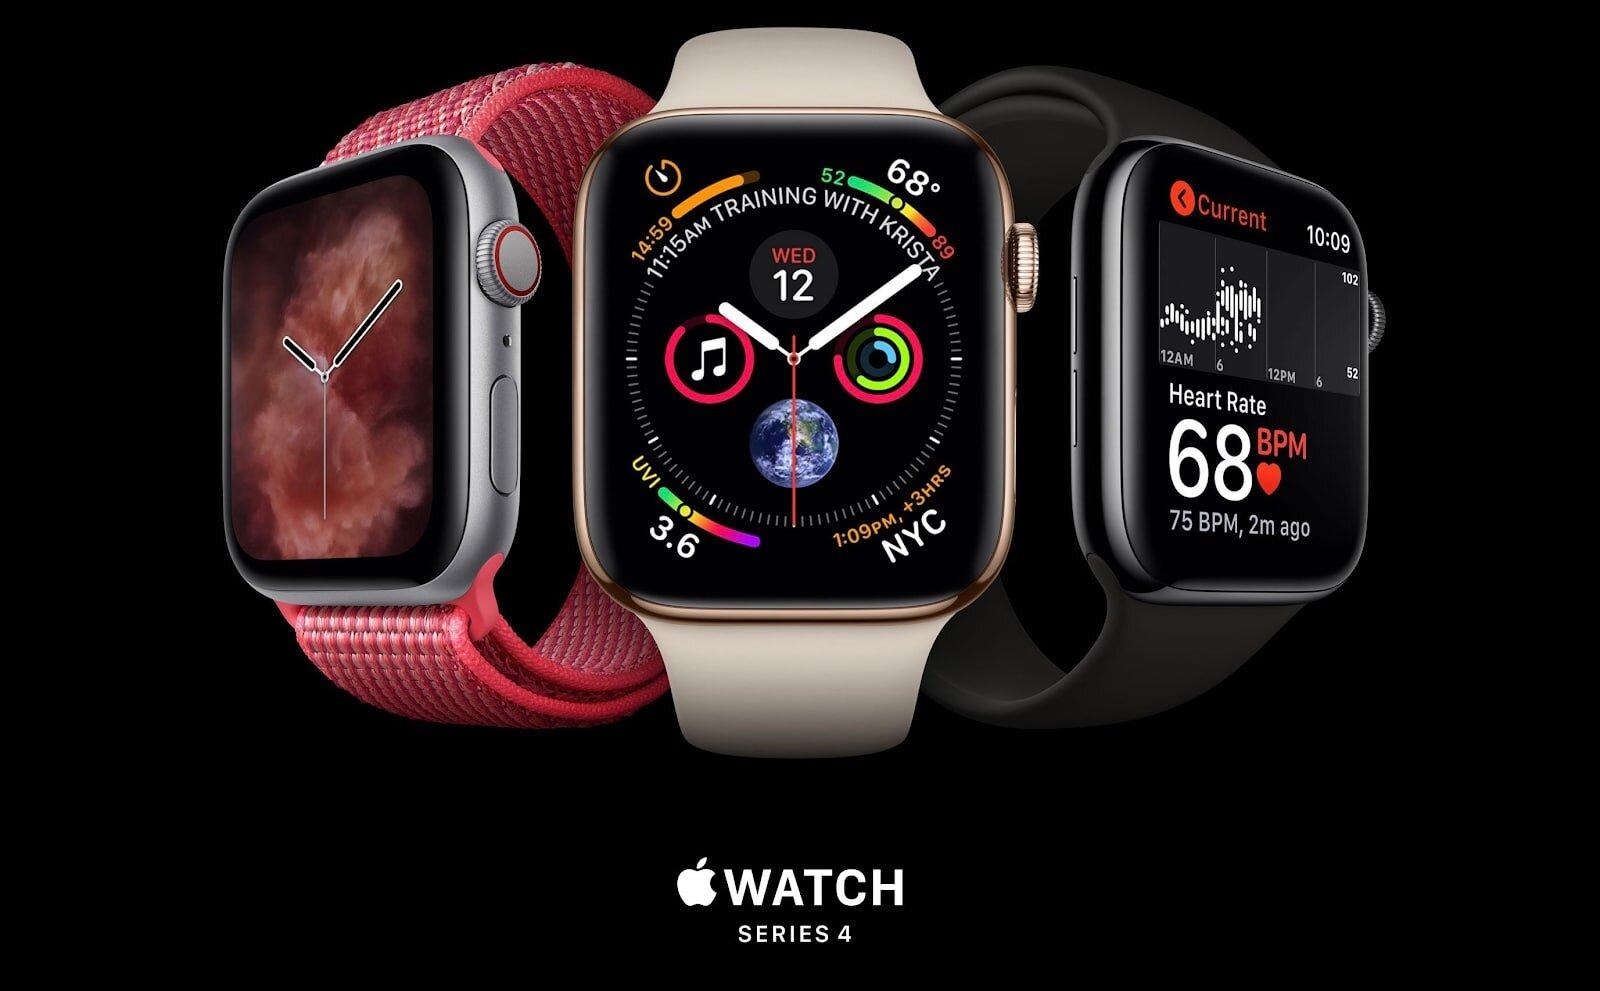 Apple Watch thương hiệu Táo khuyết luôn làm người dùng phải bất ngờ vì những tính năng và thiết kế độc đáo của mình